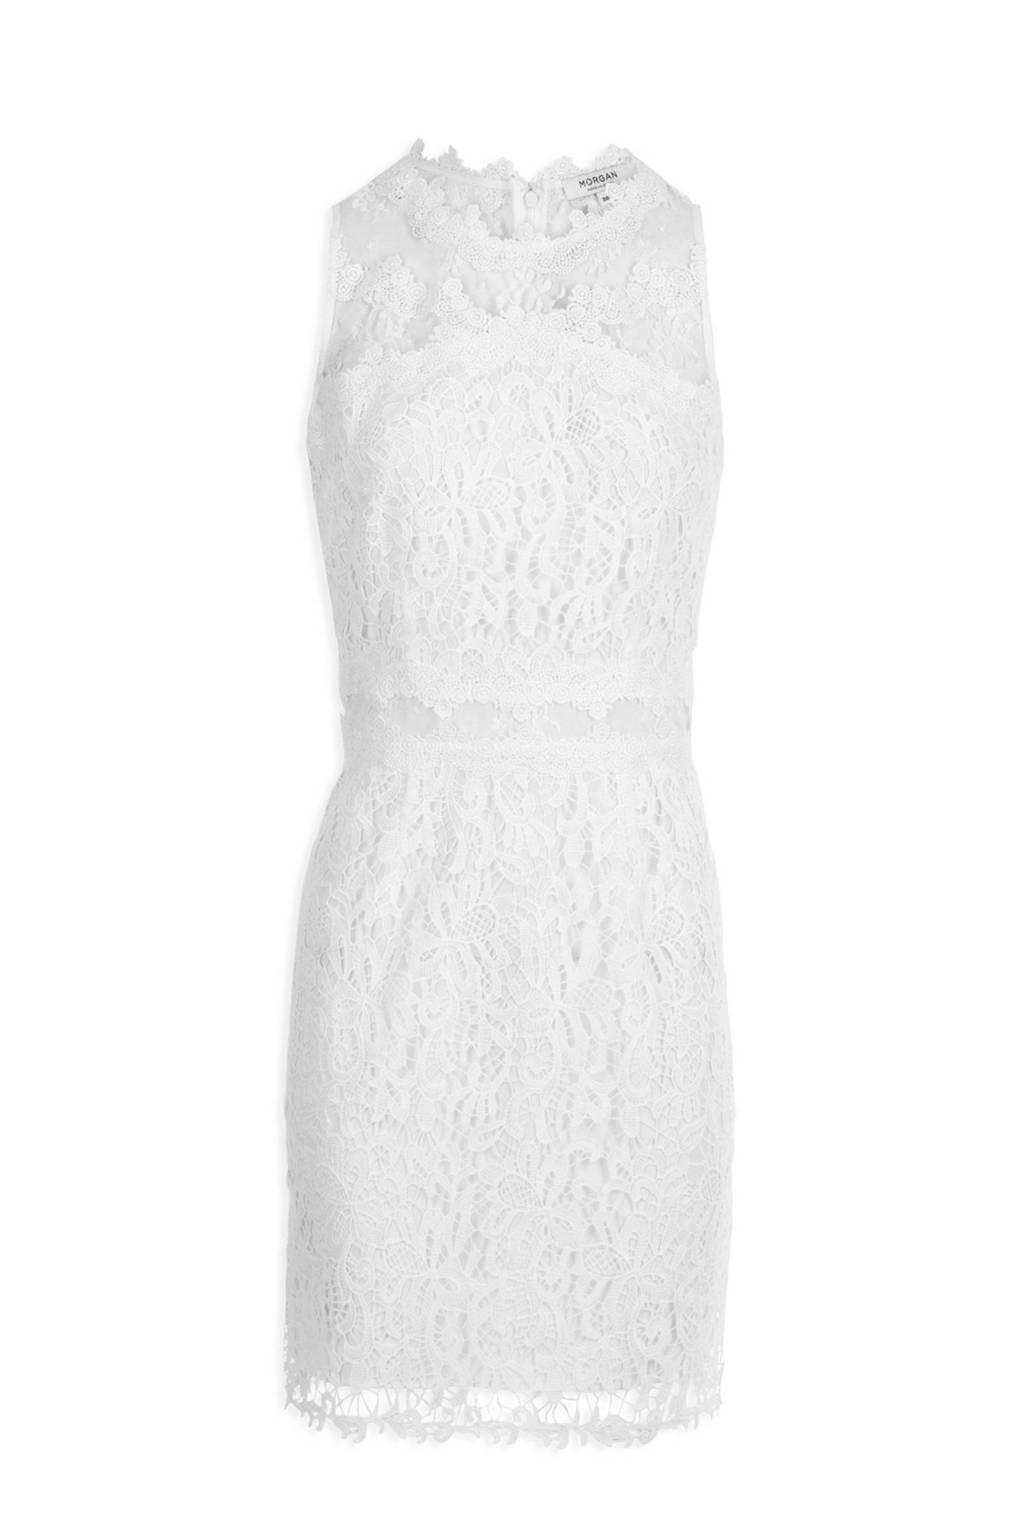 Morgan kanten jurk gebroken wit, Gebroken wit